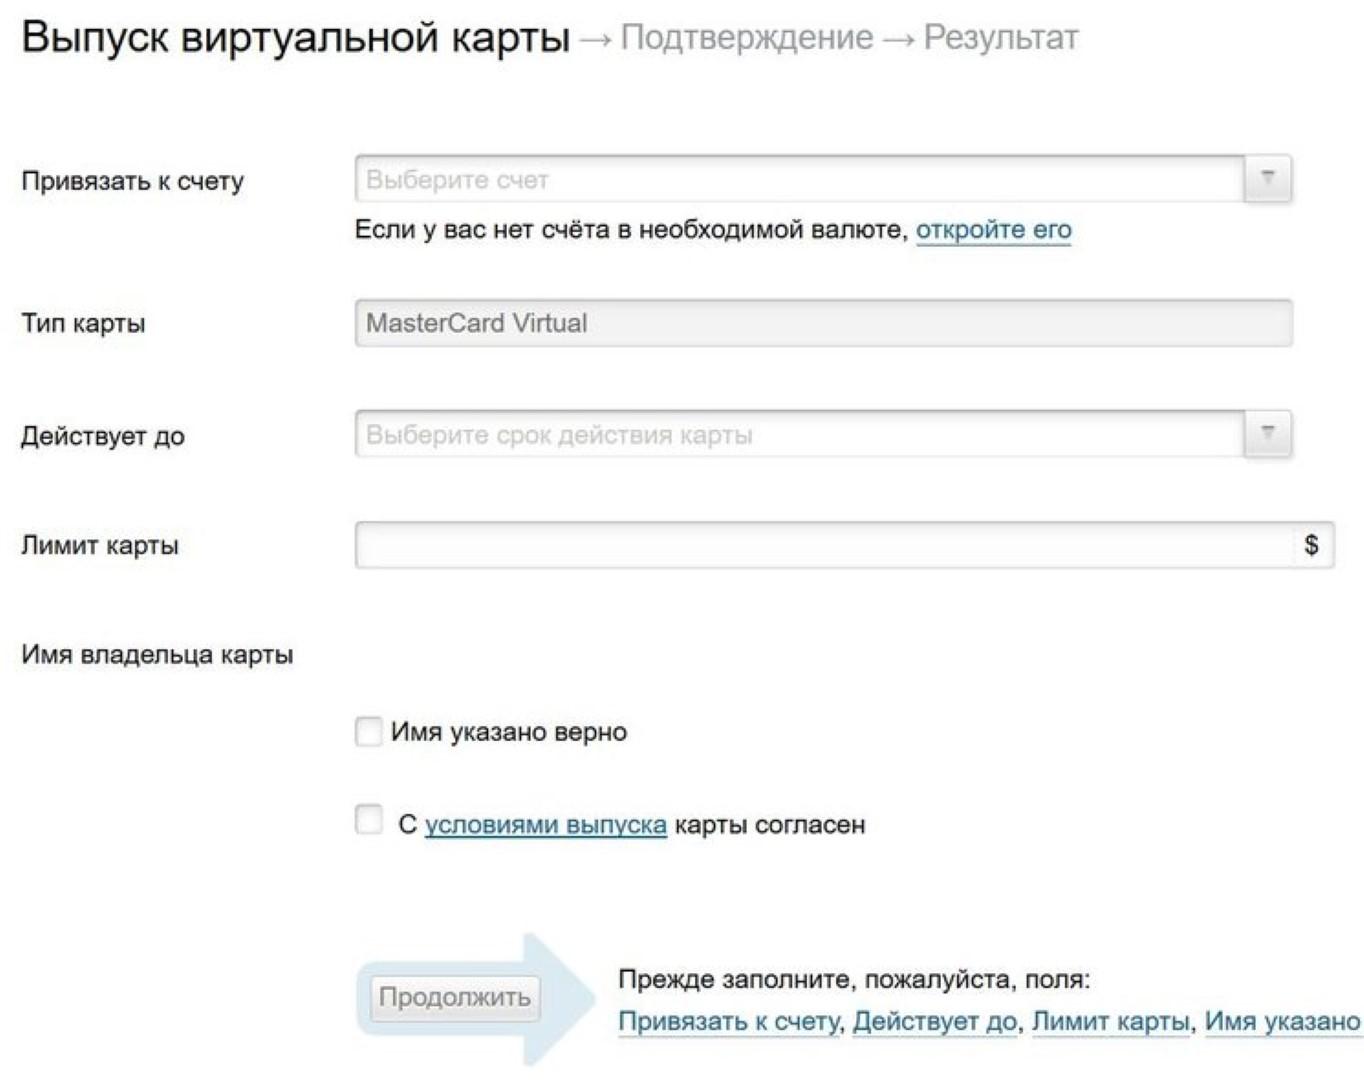 Изображение - Как создать виртуальную карту альфа-банк Oformlenie-virtualnoy-karty-v-Alfa-Banke